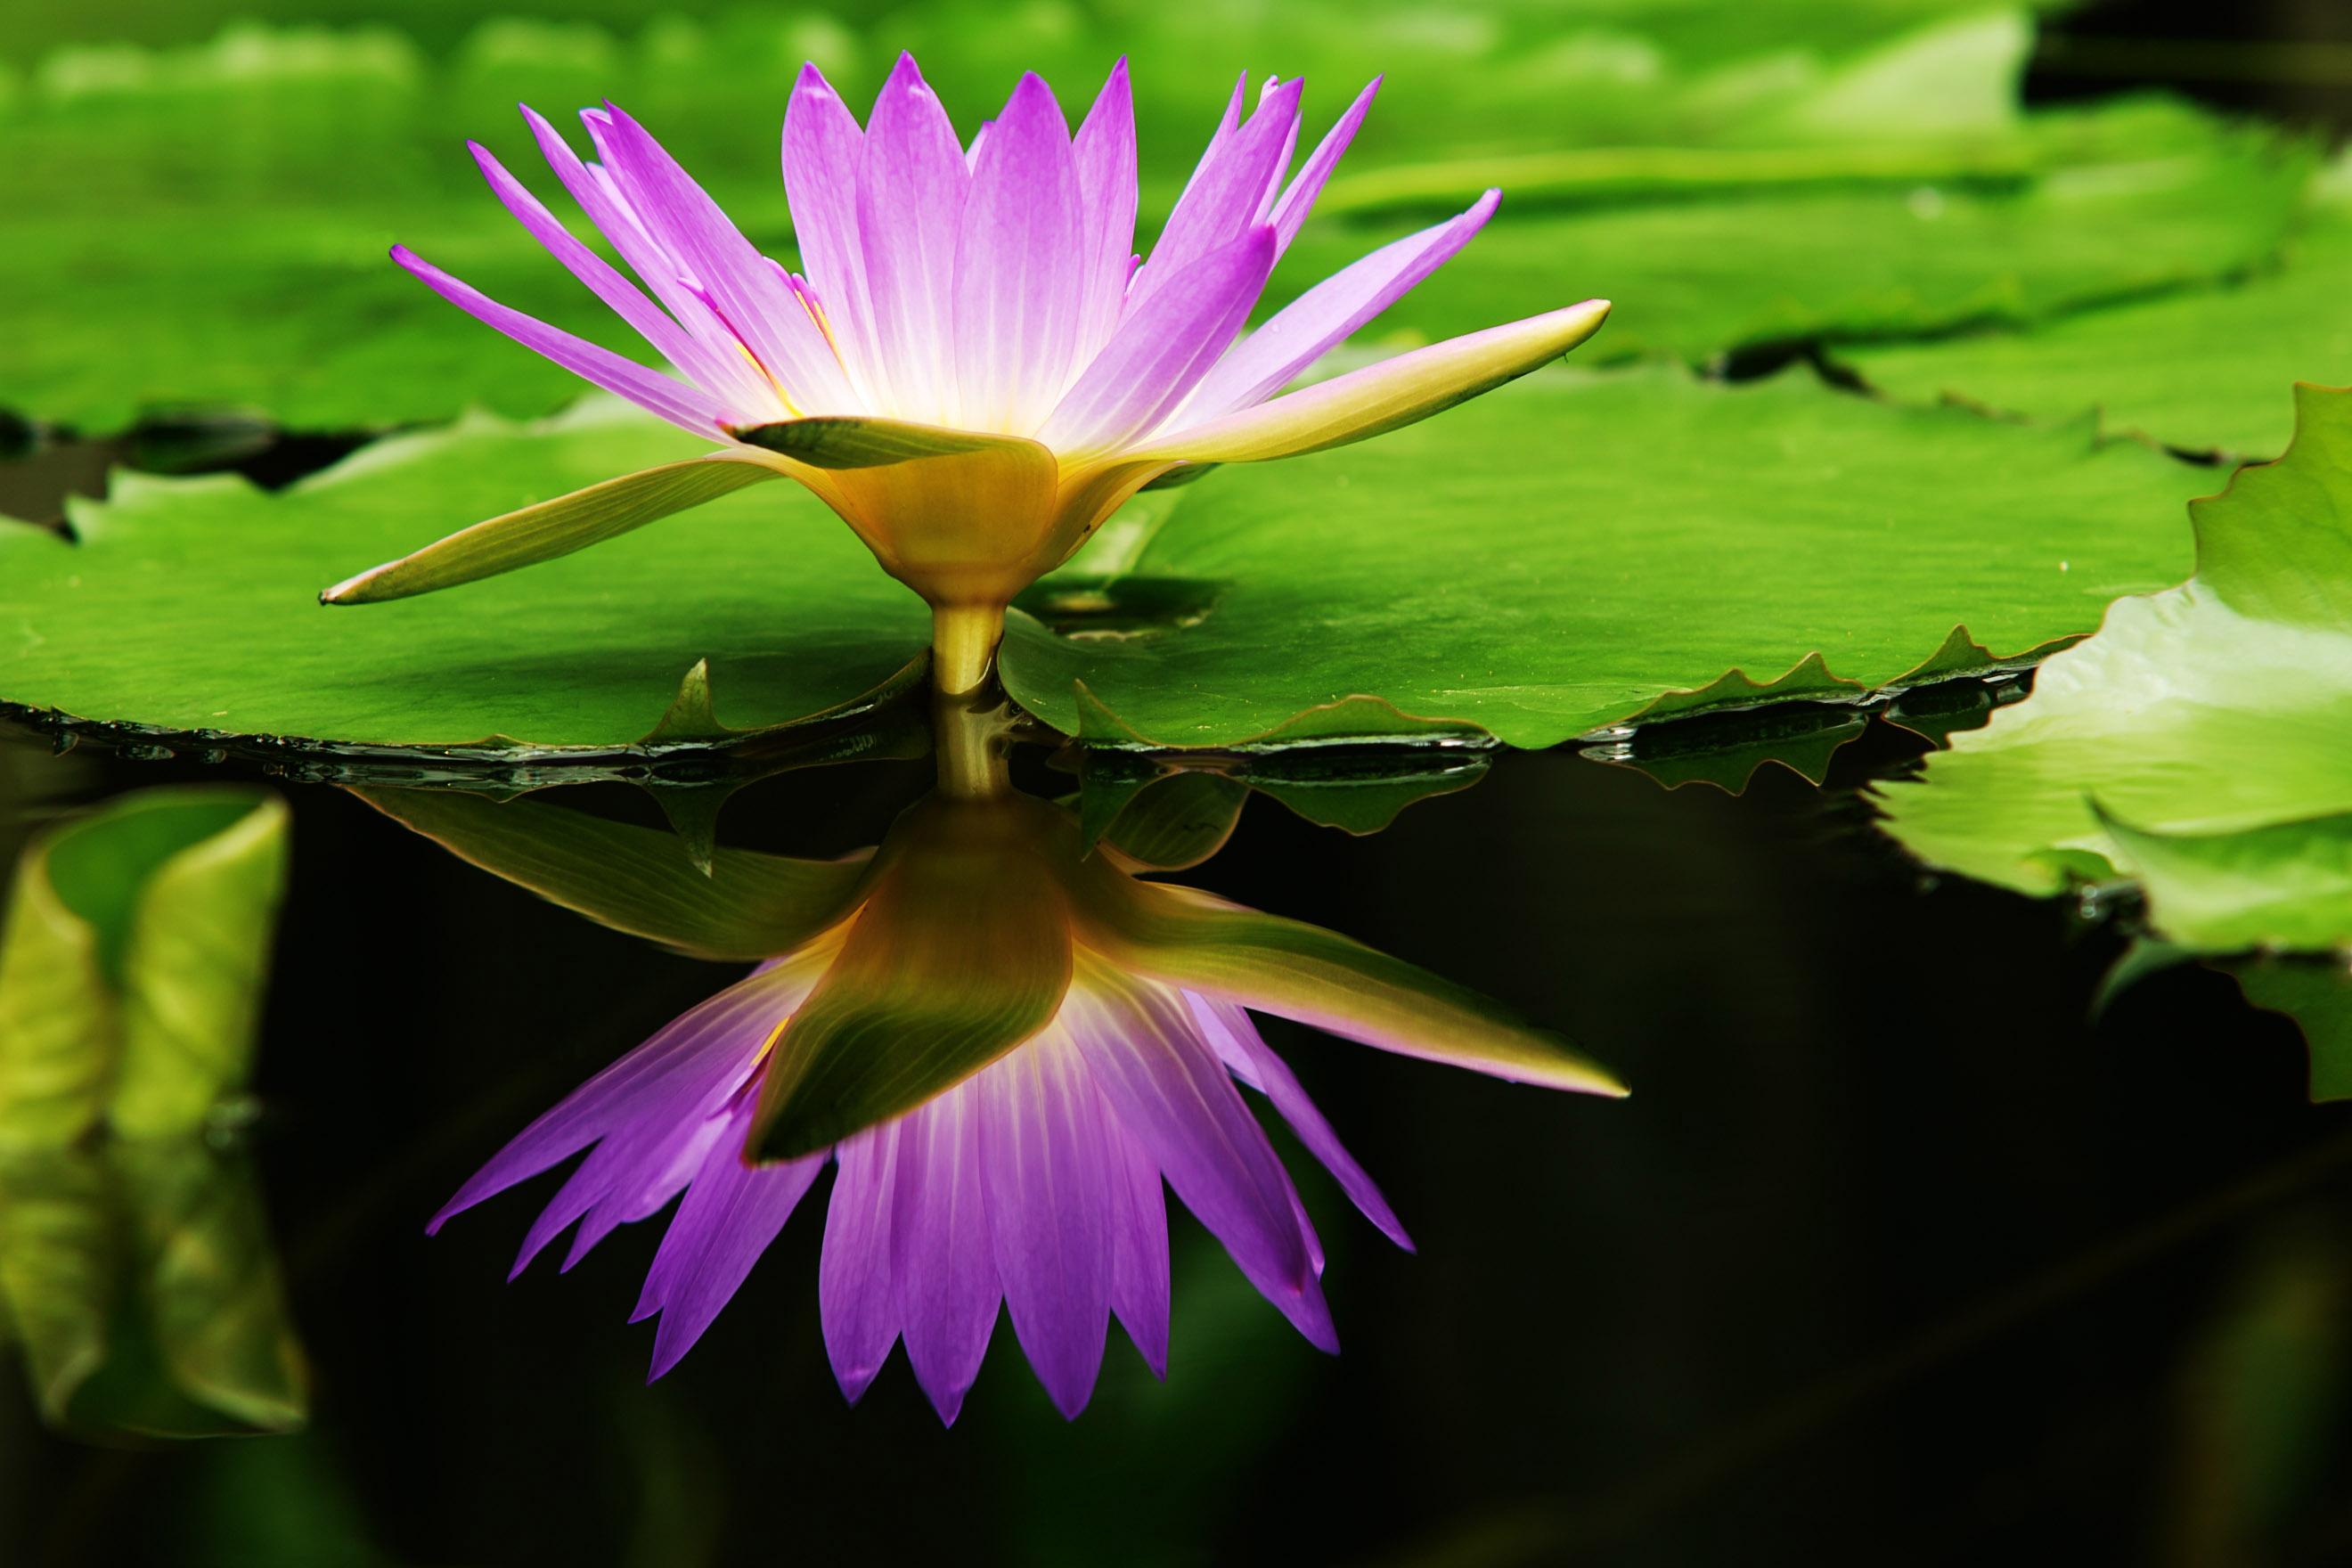 центр картинка удивительного цветка подвидов густеры